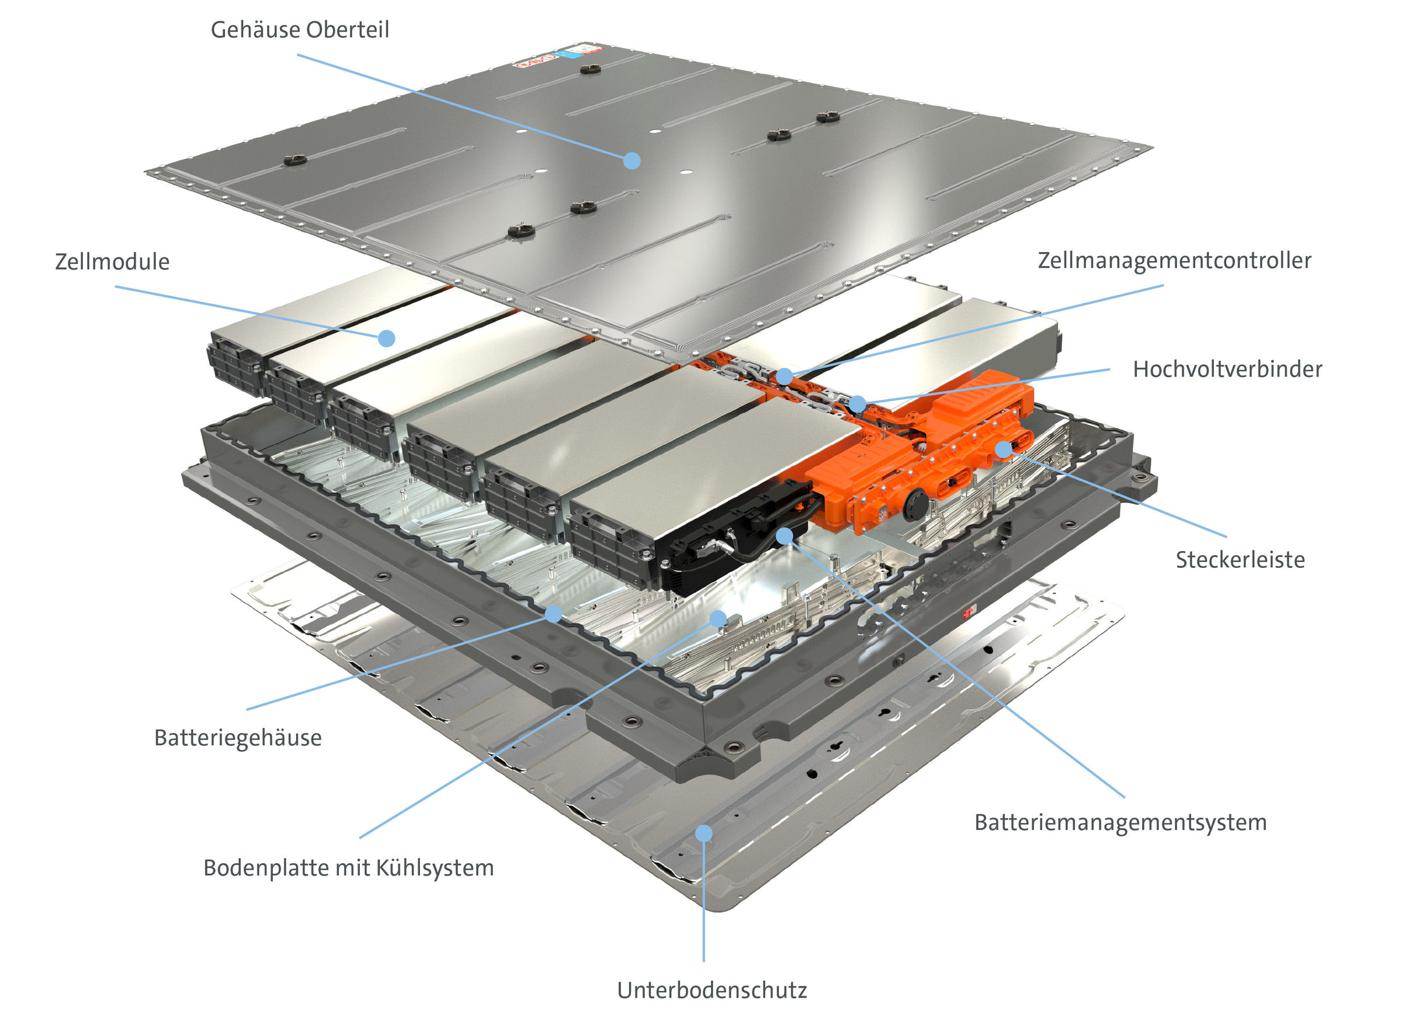 Modularisierung-VW-Batteriebaukasten02